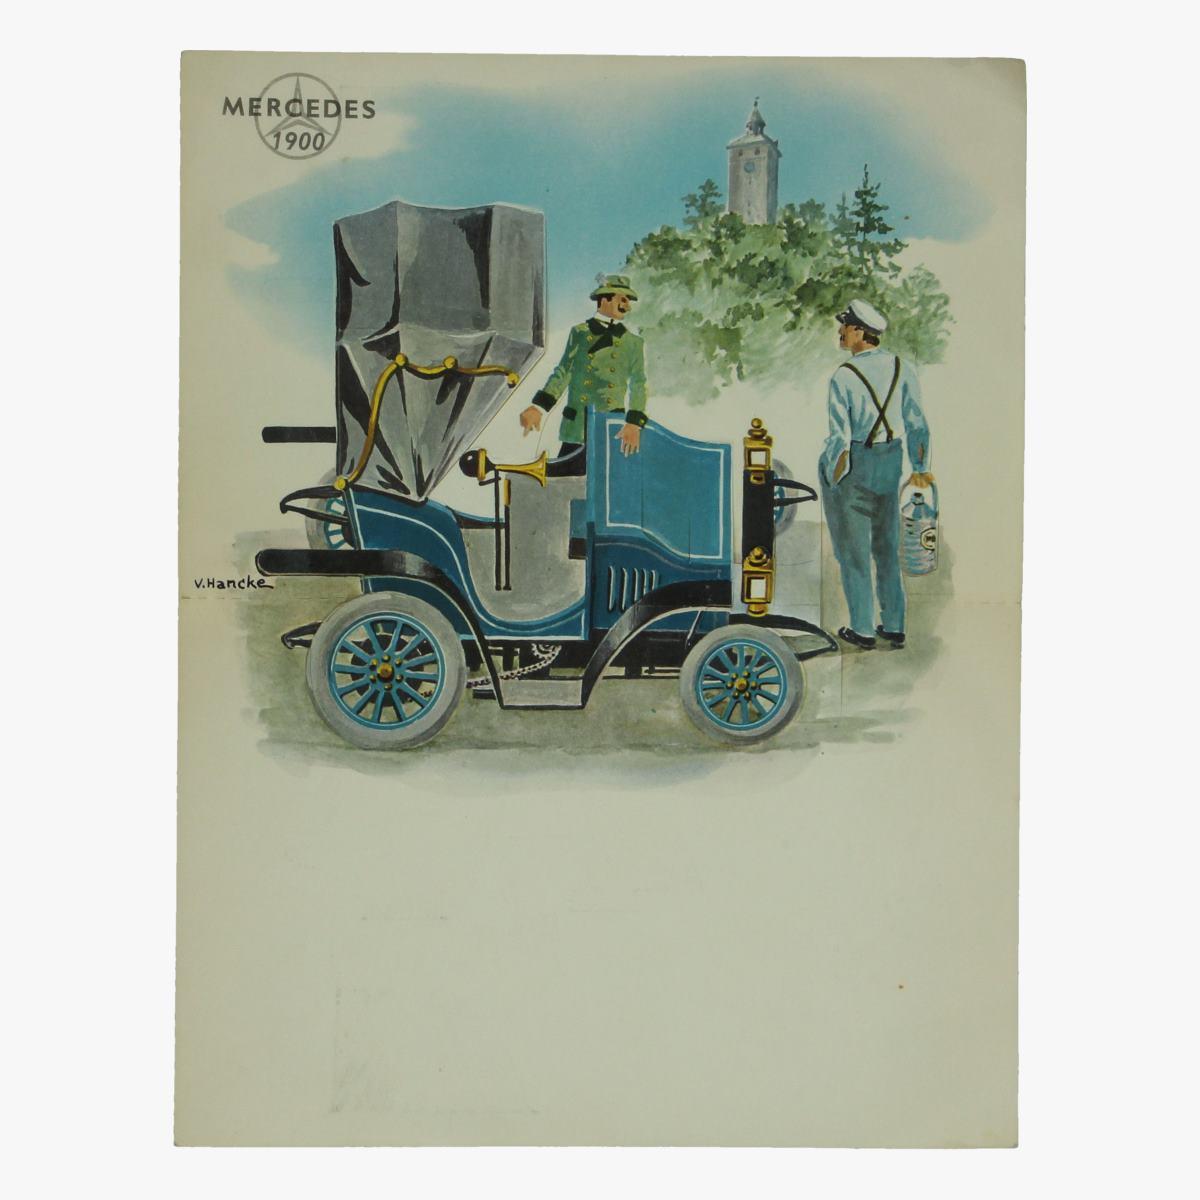 Afbeeldingen van wenskaart met plooi effect papier mercedes V. Hancke